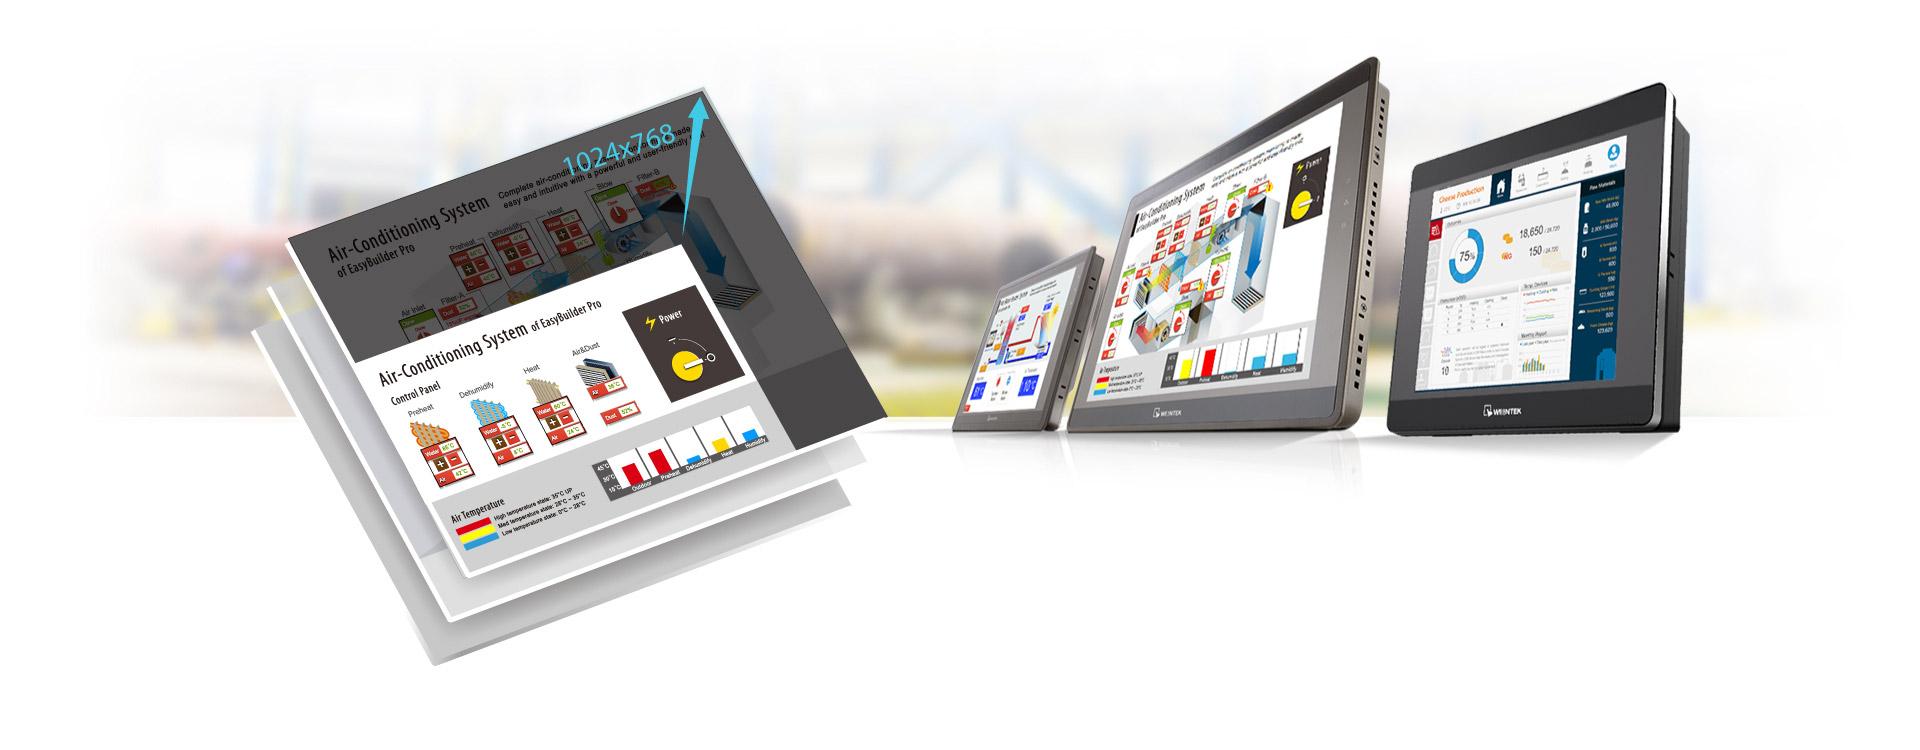 Weintek XE Serisi Büyük boyutlardaki HMI'lar en ayrıntılı bilgileri ve nesneleri görüntüleyebilir